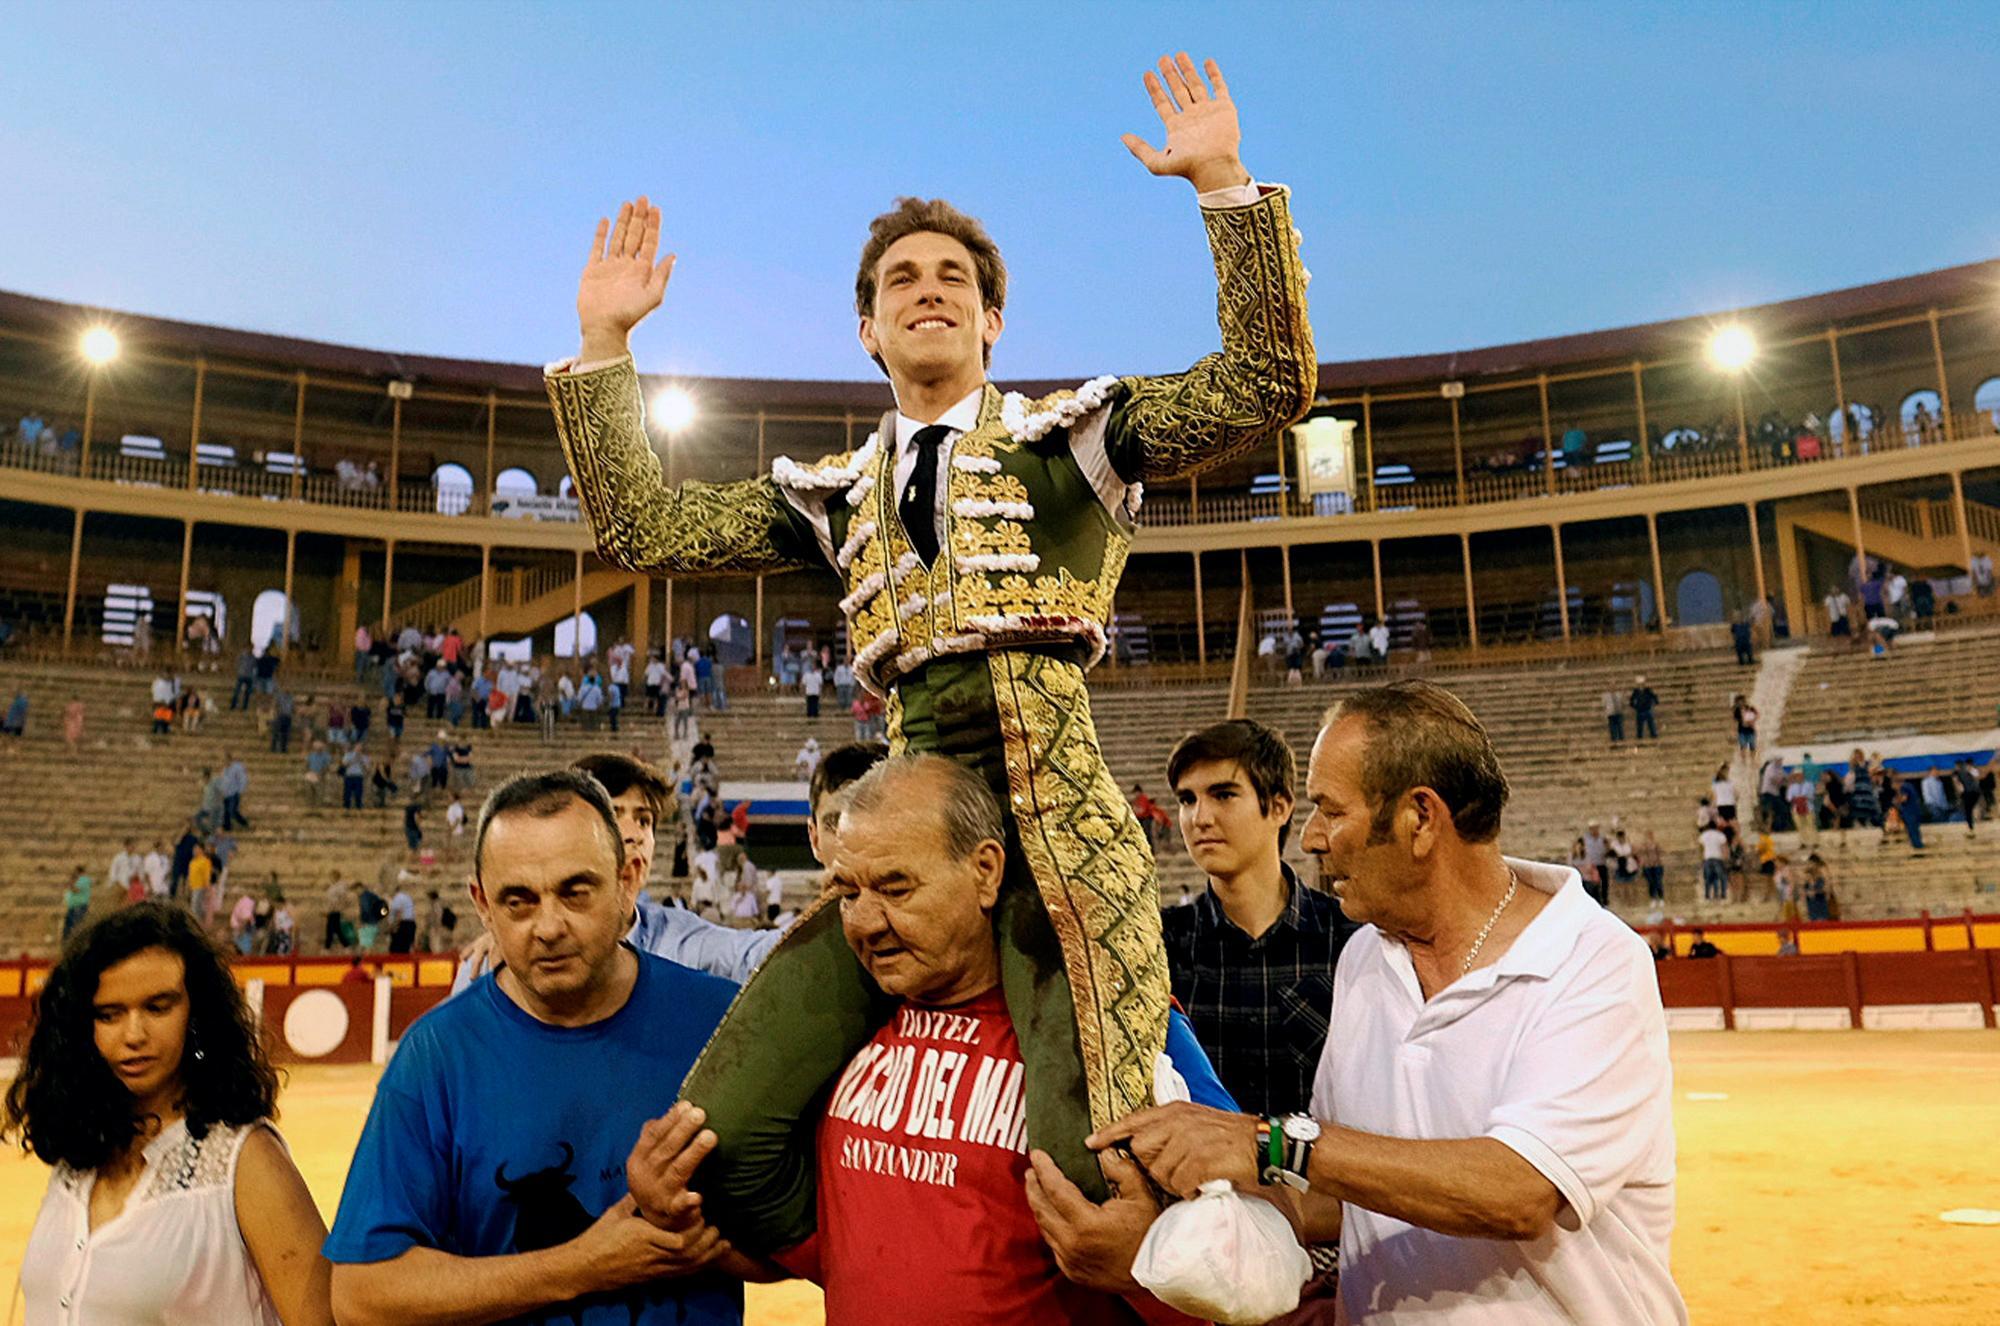 Paso adelante de la temporada taurina: Morón con desafío ganadero el Domingo de Ramos y a sorteo